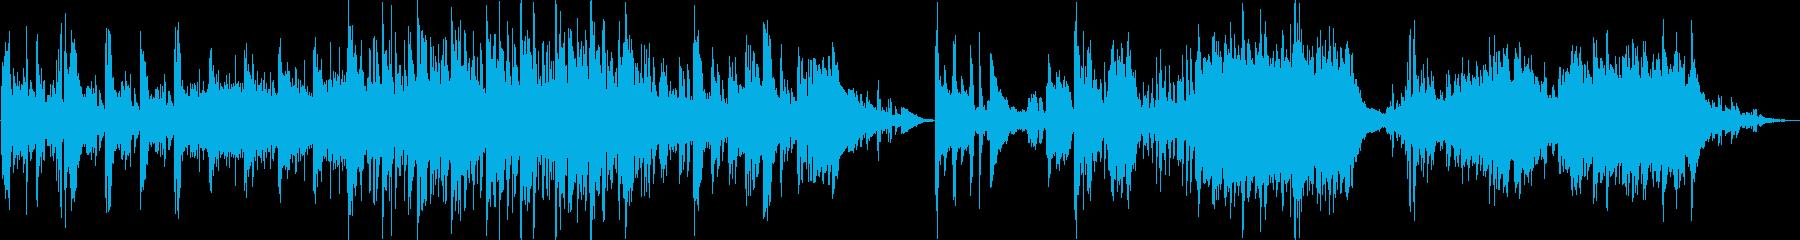 ピアノの動きが特徴的なオーケストラの再生済みの波形